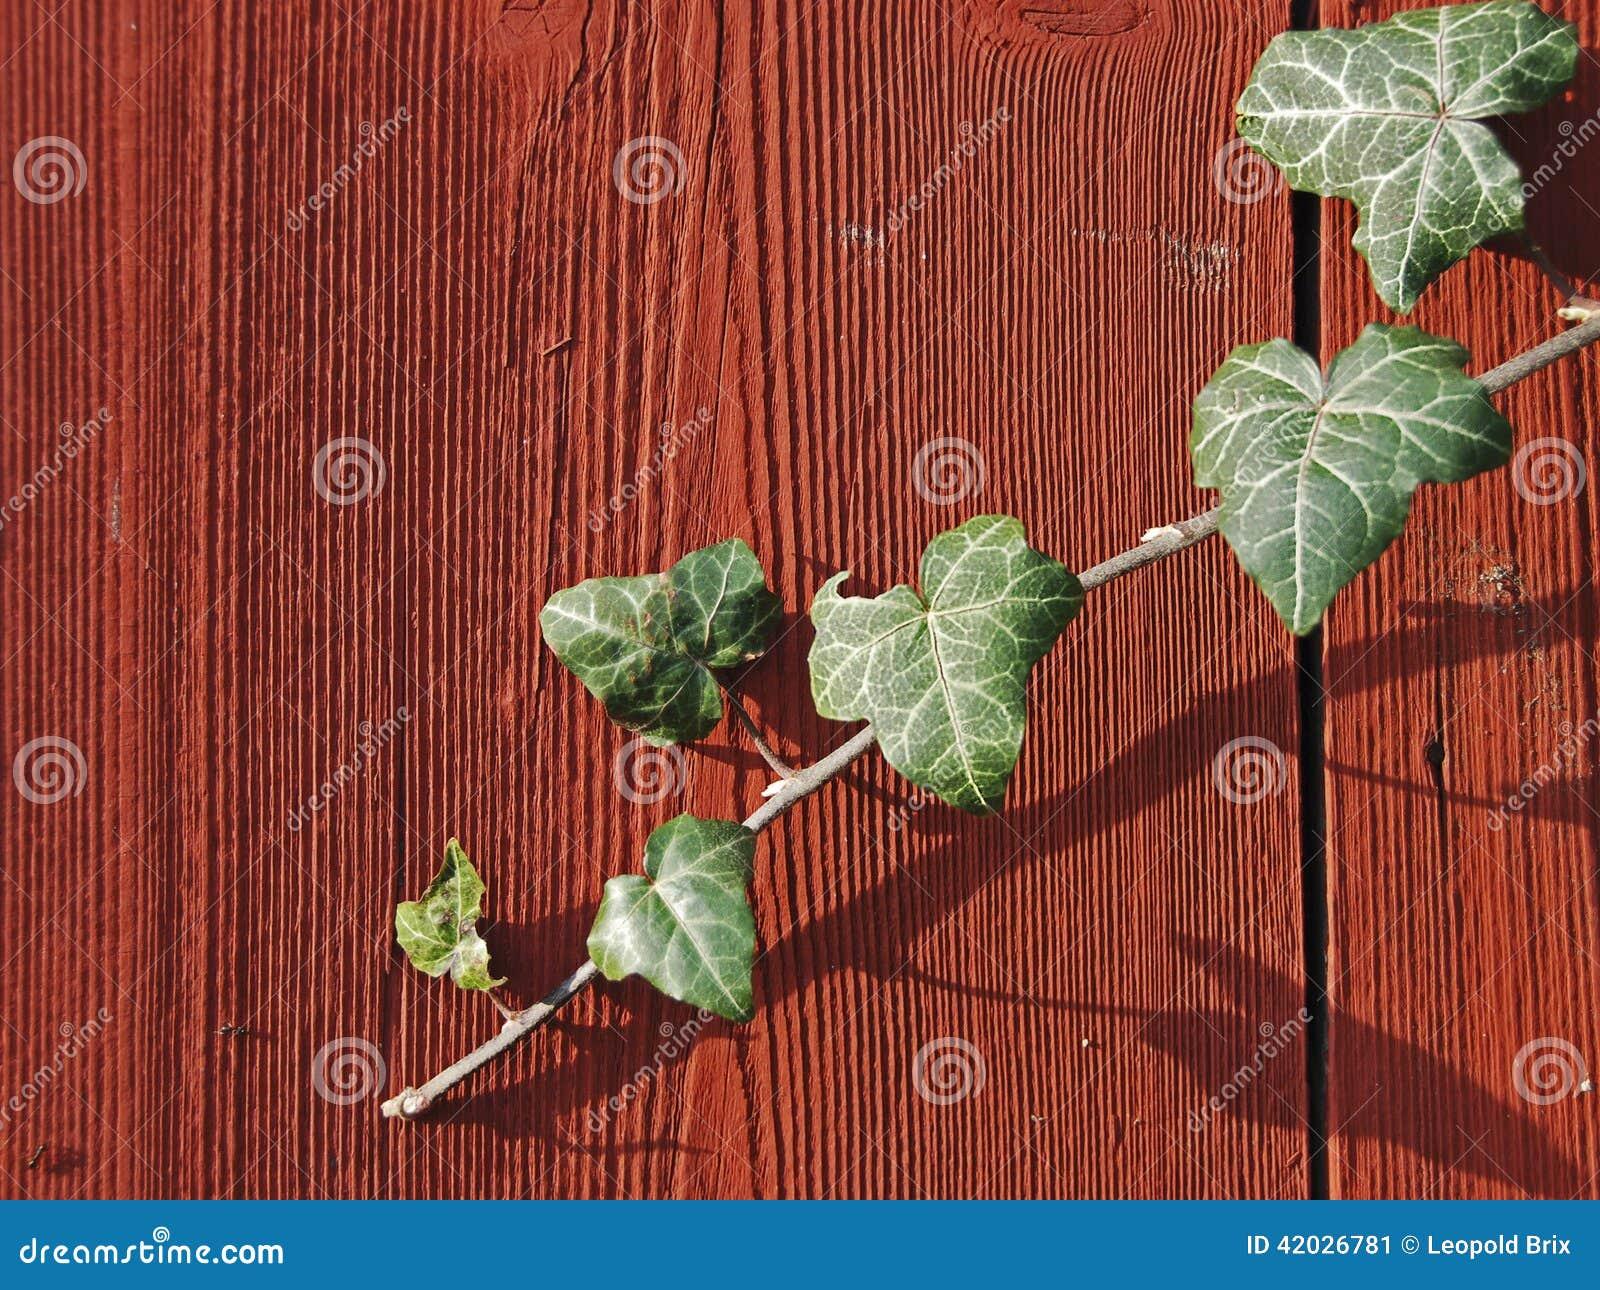 Lierre au mur en bois rouge de falun photo stock image 42026781 - Rouge de falun ...